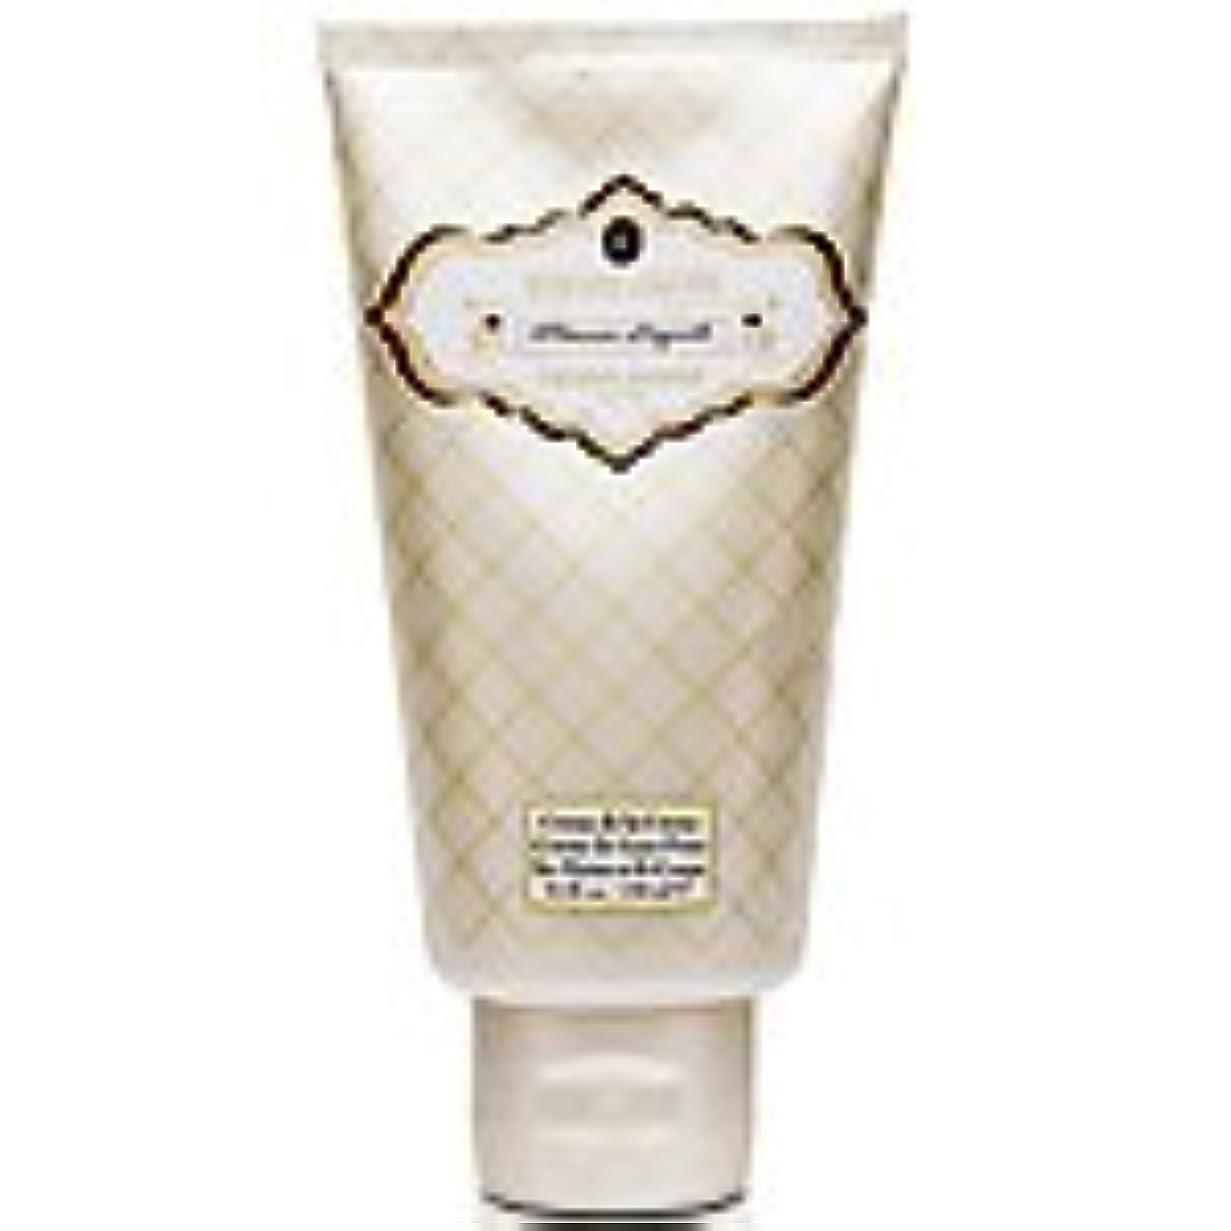 工業化する分析する特別なMemoire Liquide Reserve - Amour Liquide (メモワールリキッドリザーブ - アモアーリキッド) 5.1 oz (153ml) Body Cream for Unisex